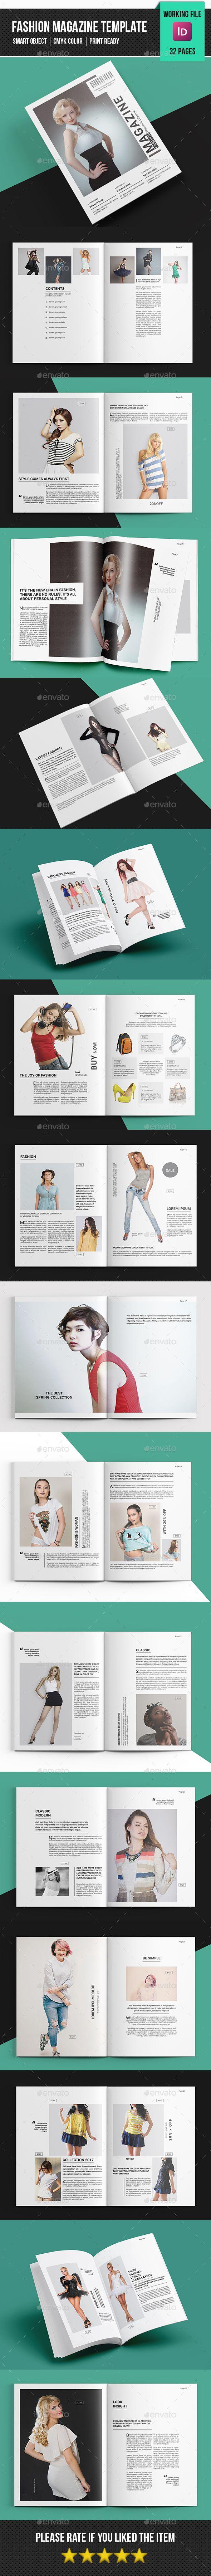 Fashion Lookbook Magazine V05 | Diseños de revista, Revistas y Catálogo